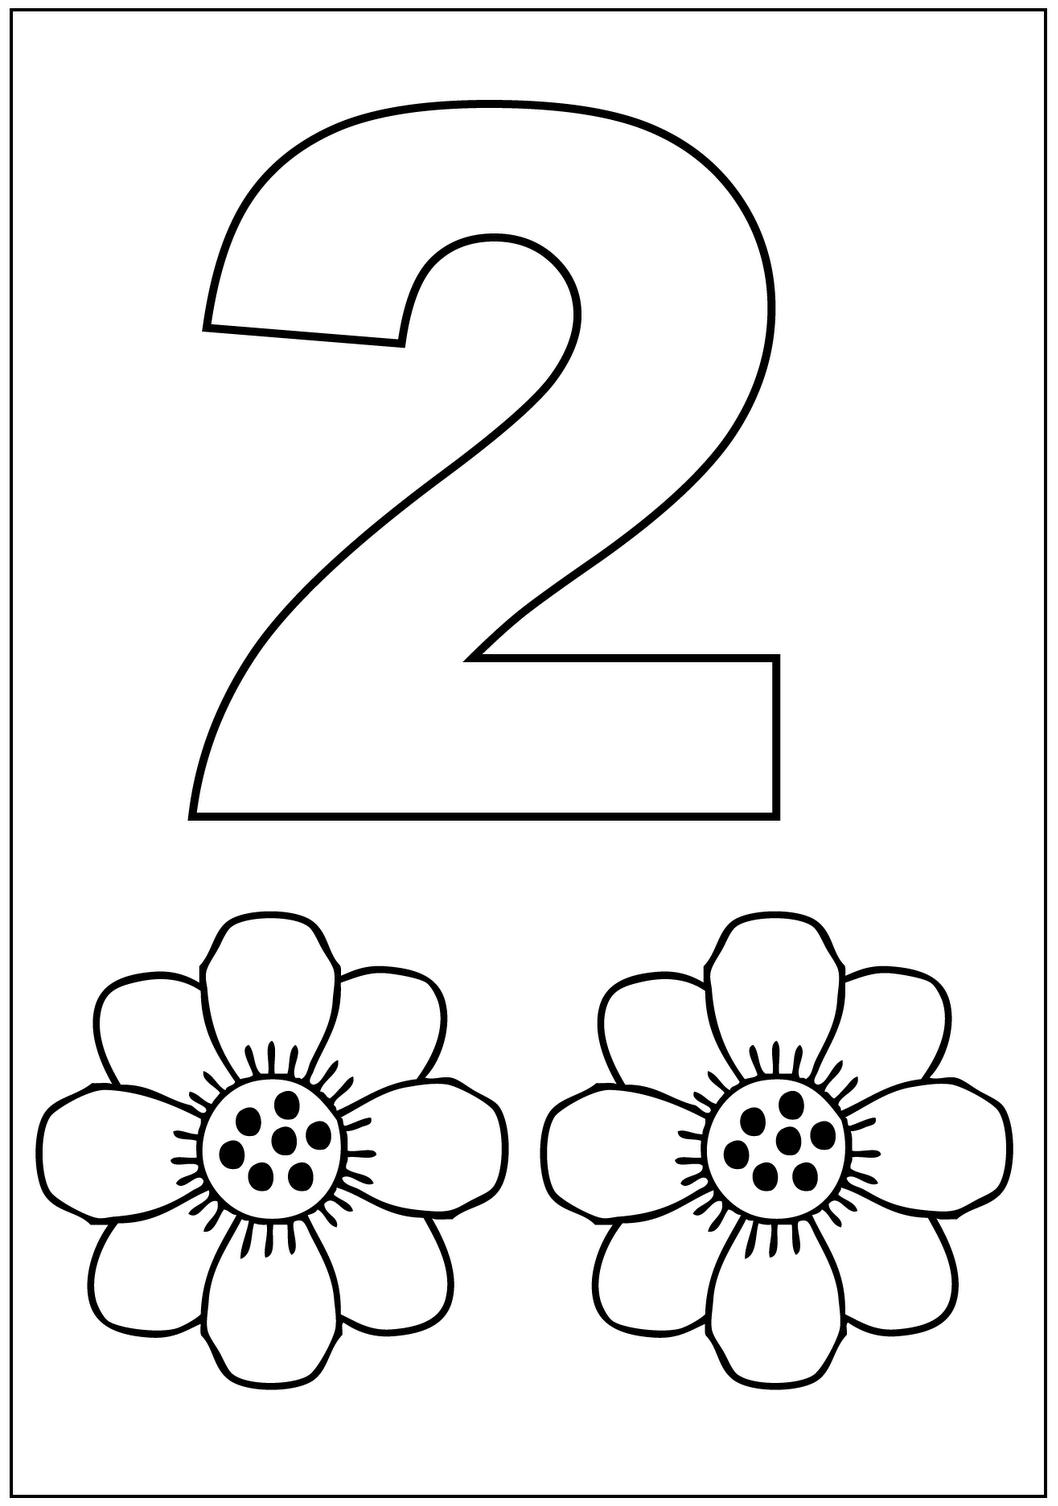 kleurplaat cijfer 2 topkleurplaat nl